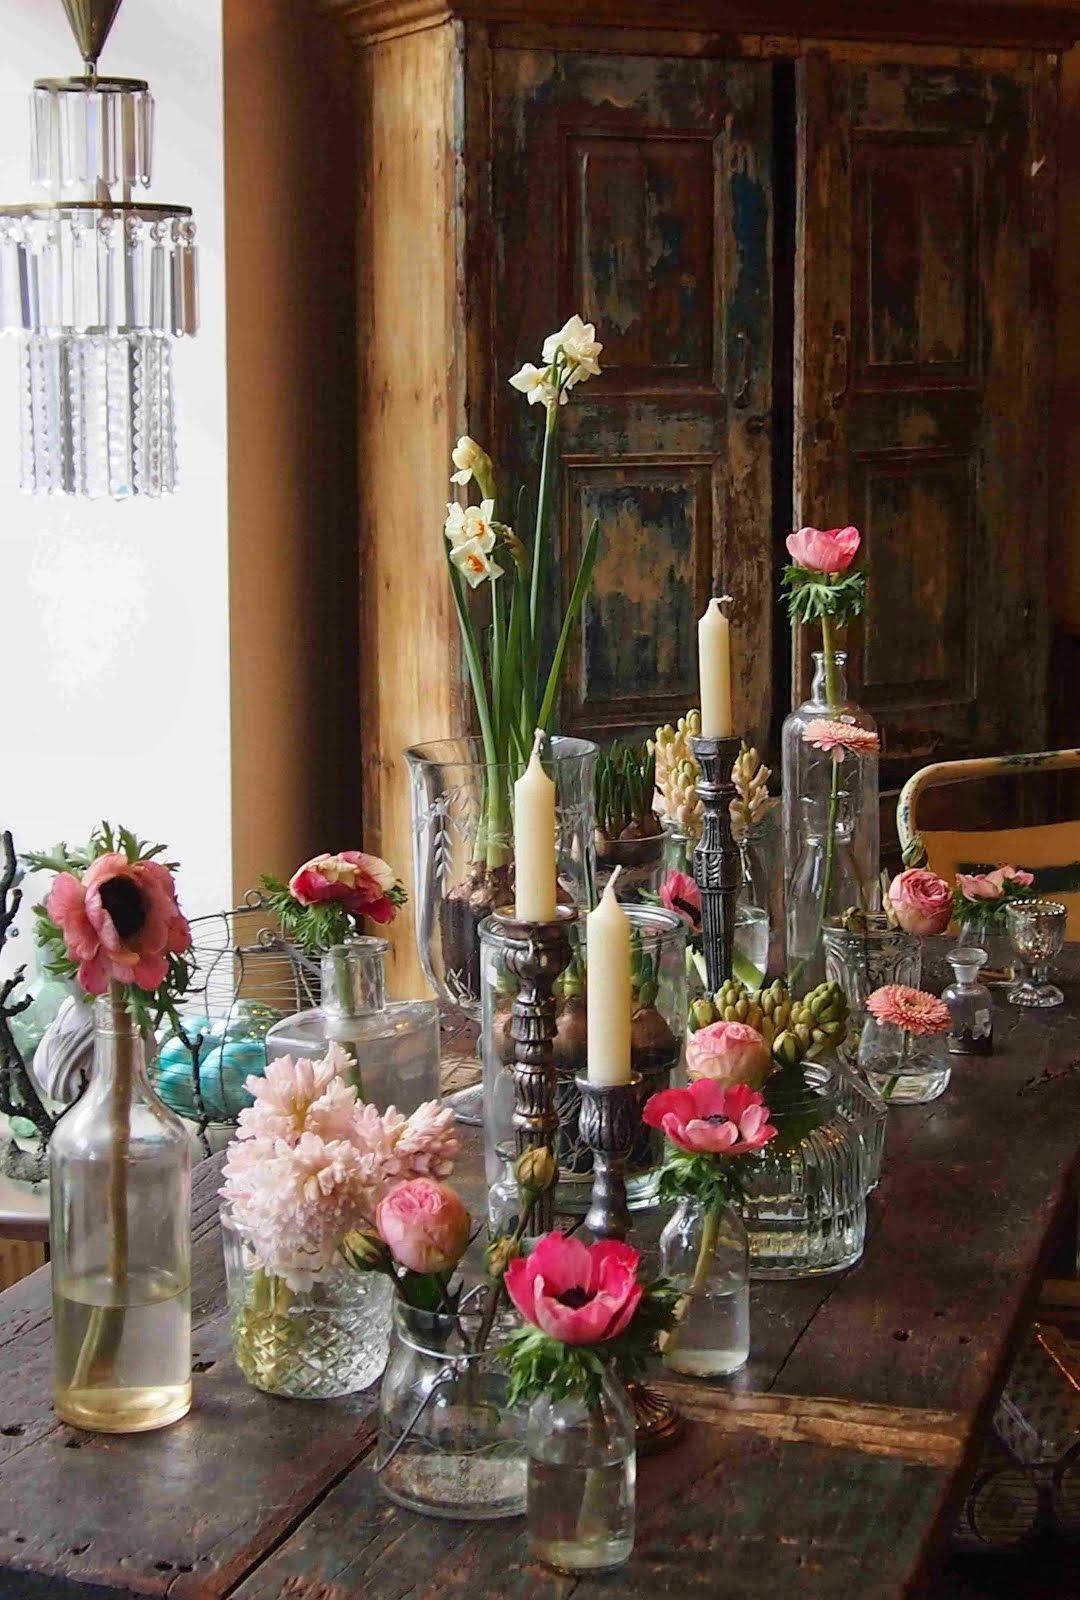 Deko Blumen Tischdekoration Kerzen rustikal  living